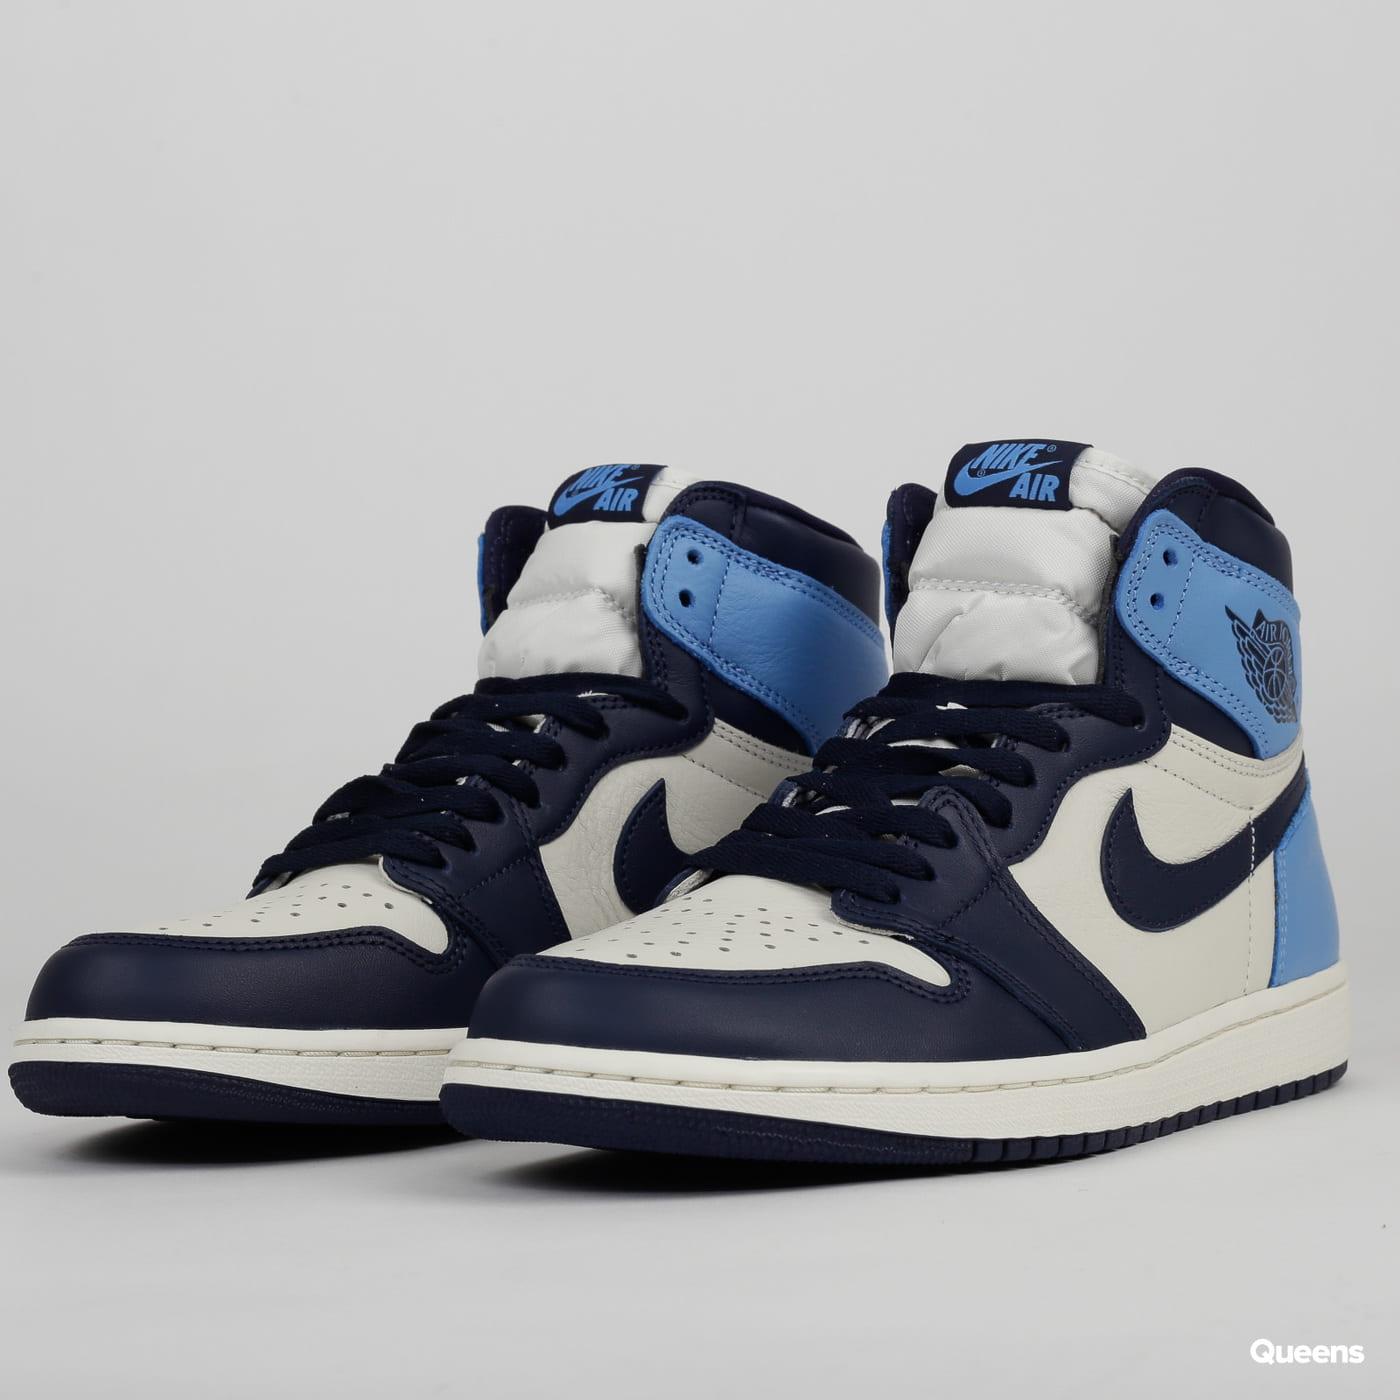 Sneakers Jordan Air Jordan 1 Retro High Og Sail Obsidian